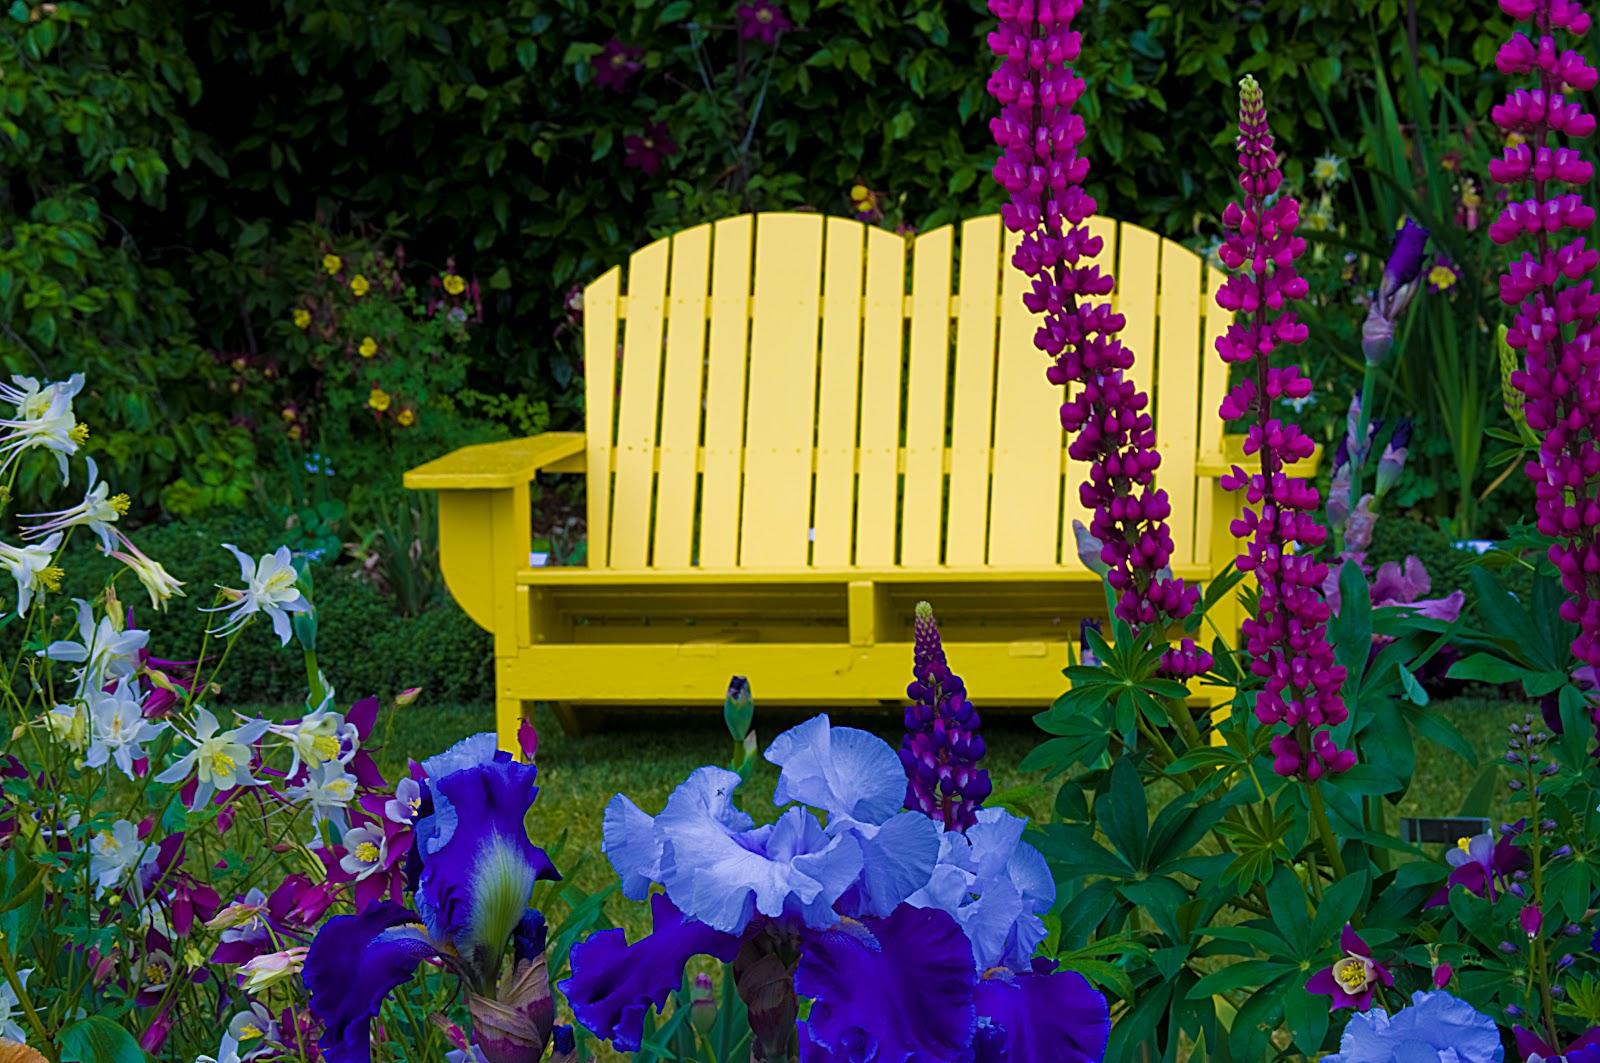 Thom Zehrfeld Photography Cool Flowers At Schreiner 39 S